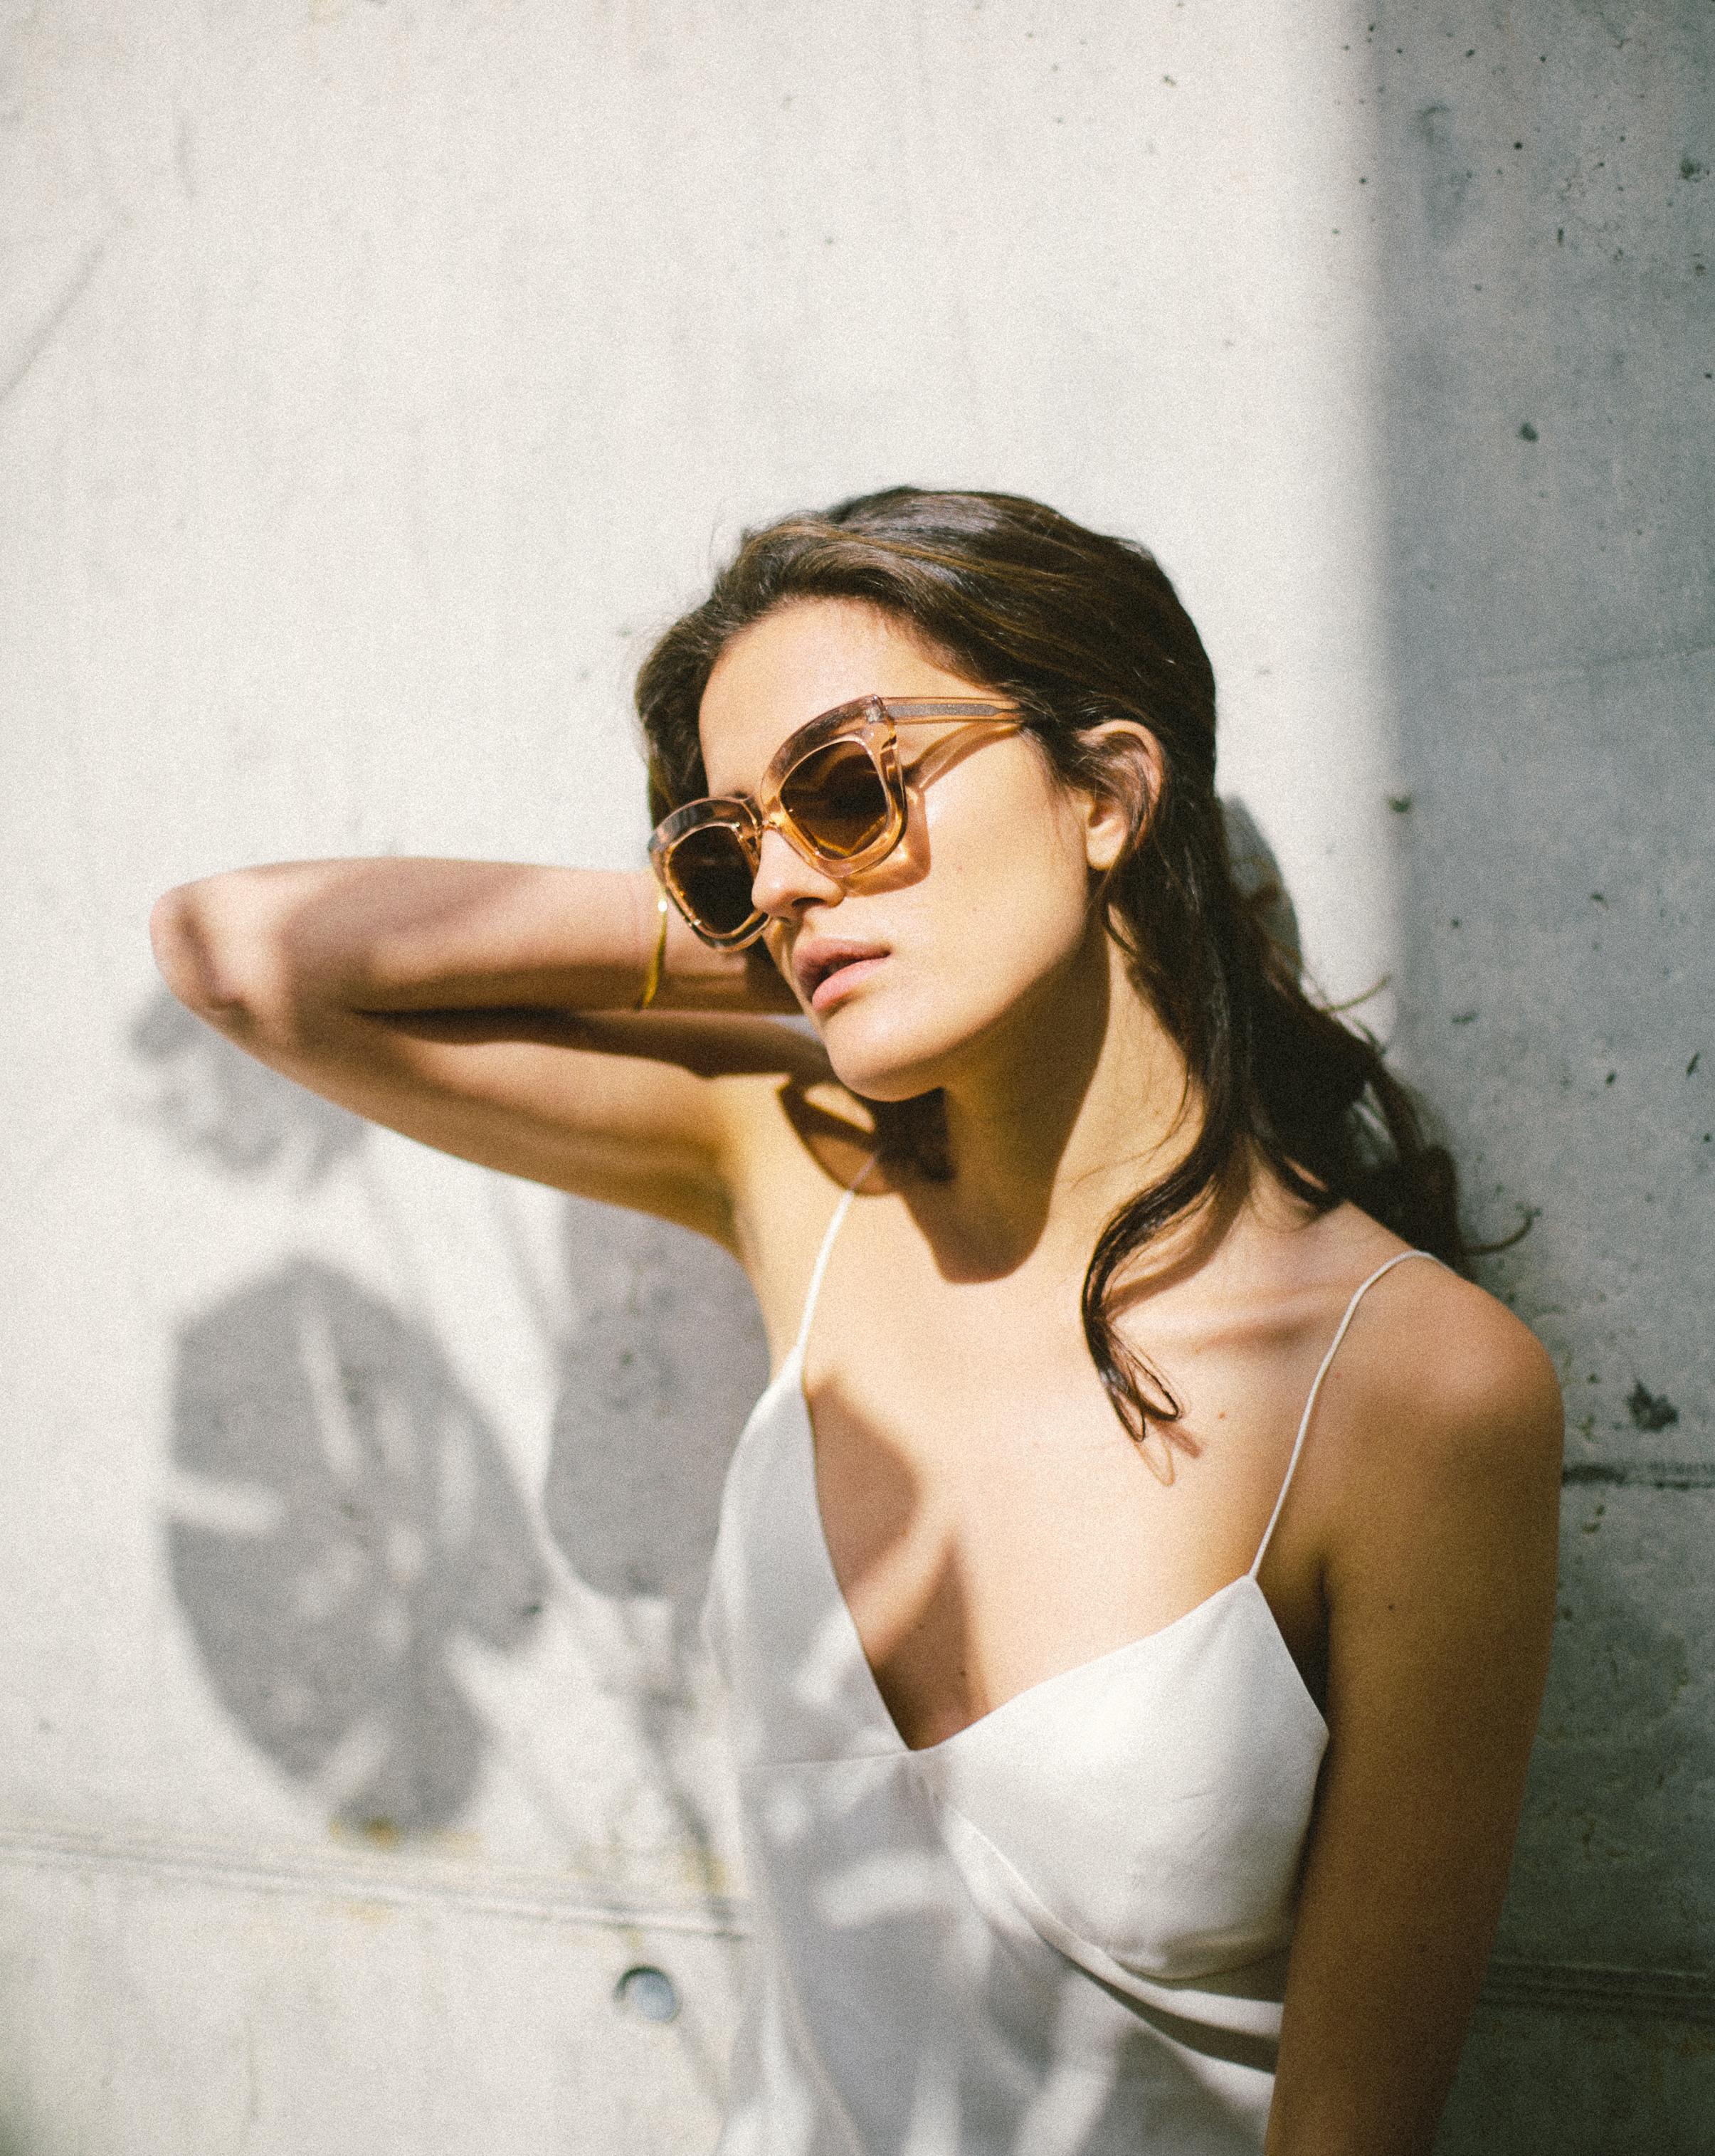 Model Stari Rose